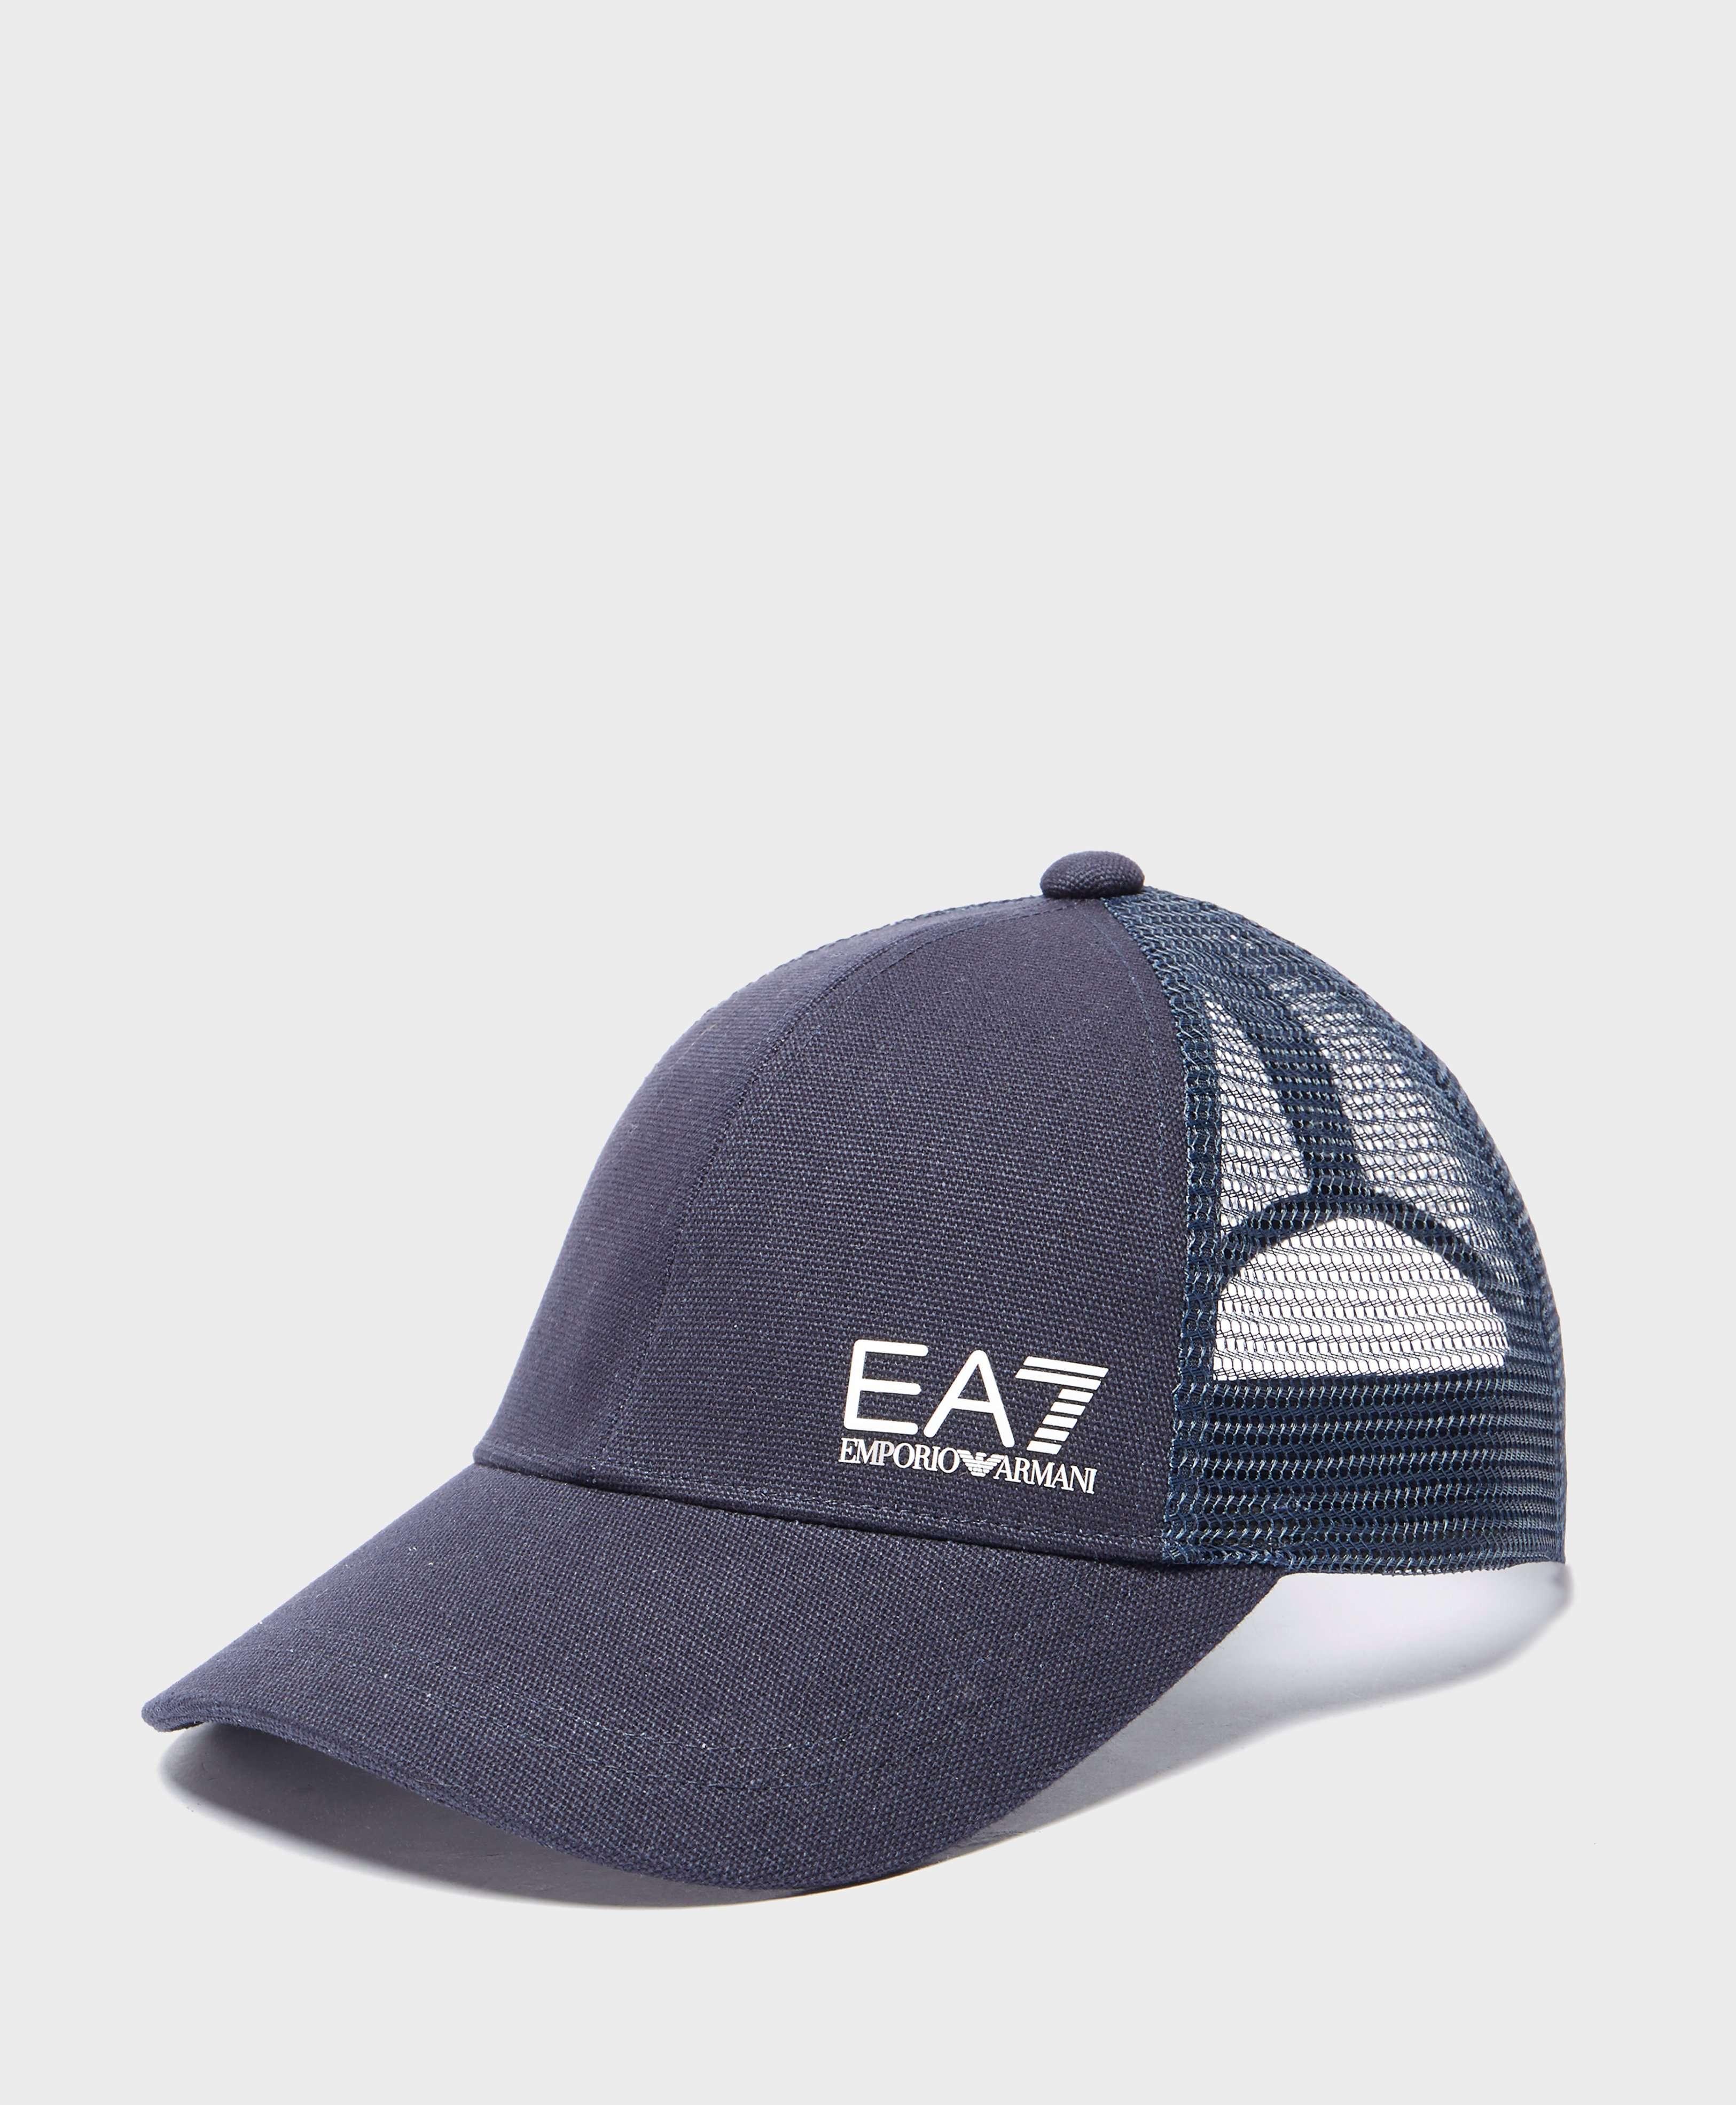 Emporio Armani EA7 Core ID Trucker Cap